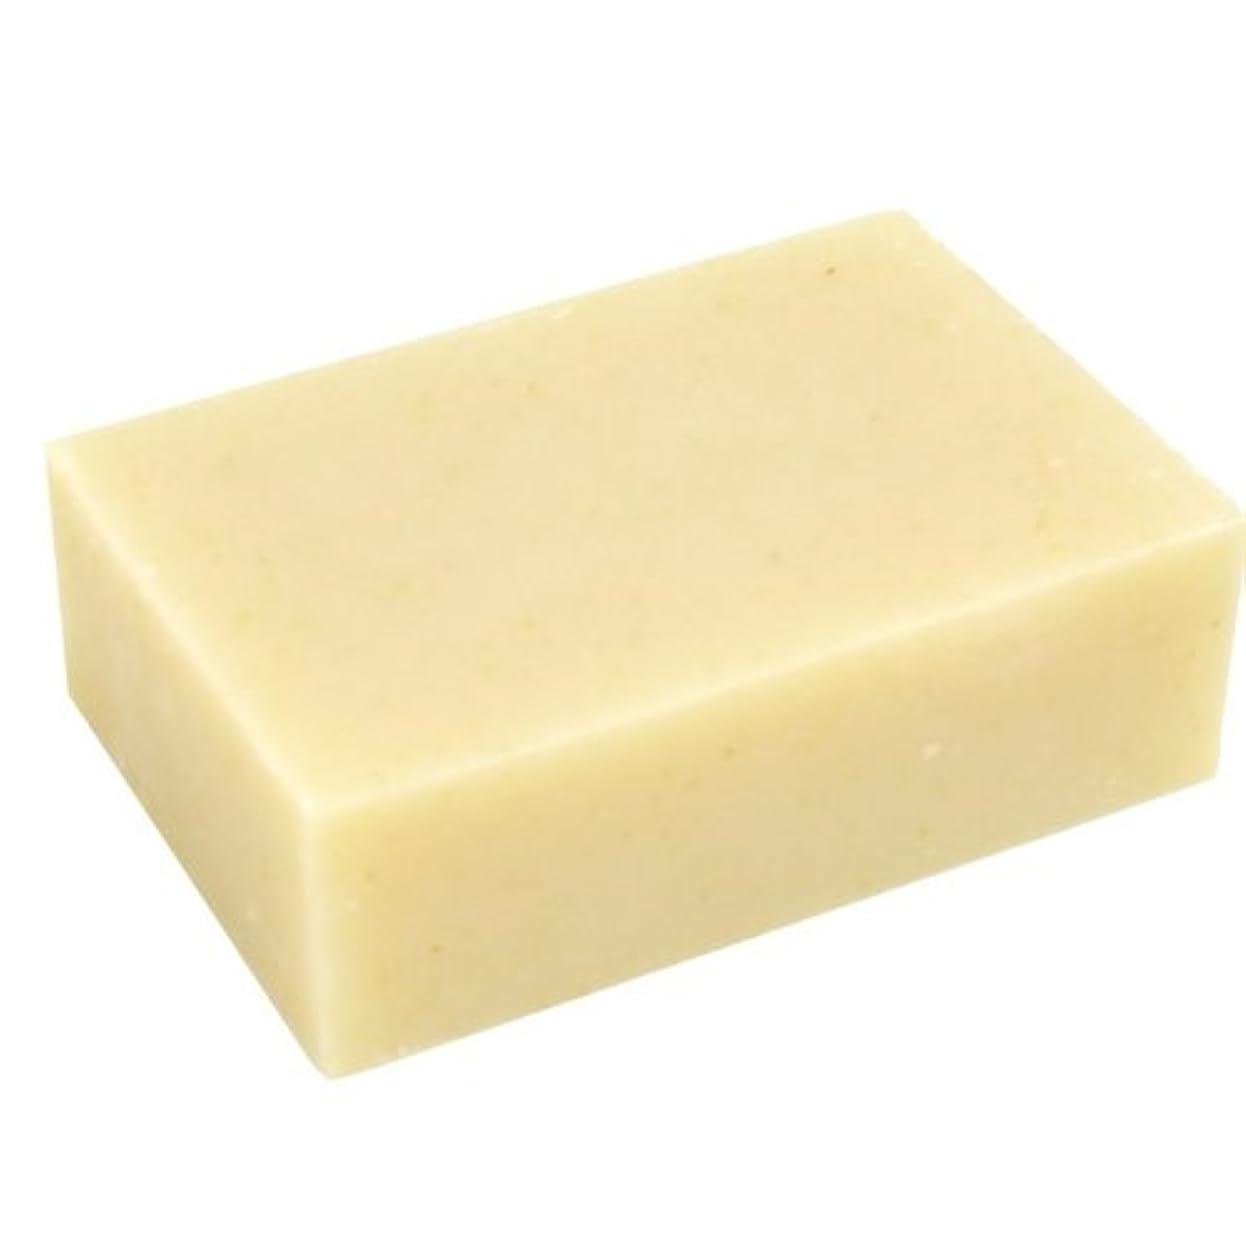 国ダウンタウンコンドームHAWAIIAN BATH & BODY SOAP ゼラニウム